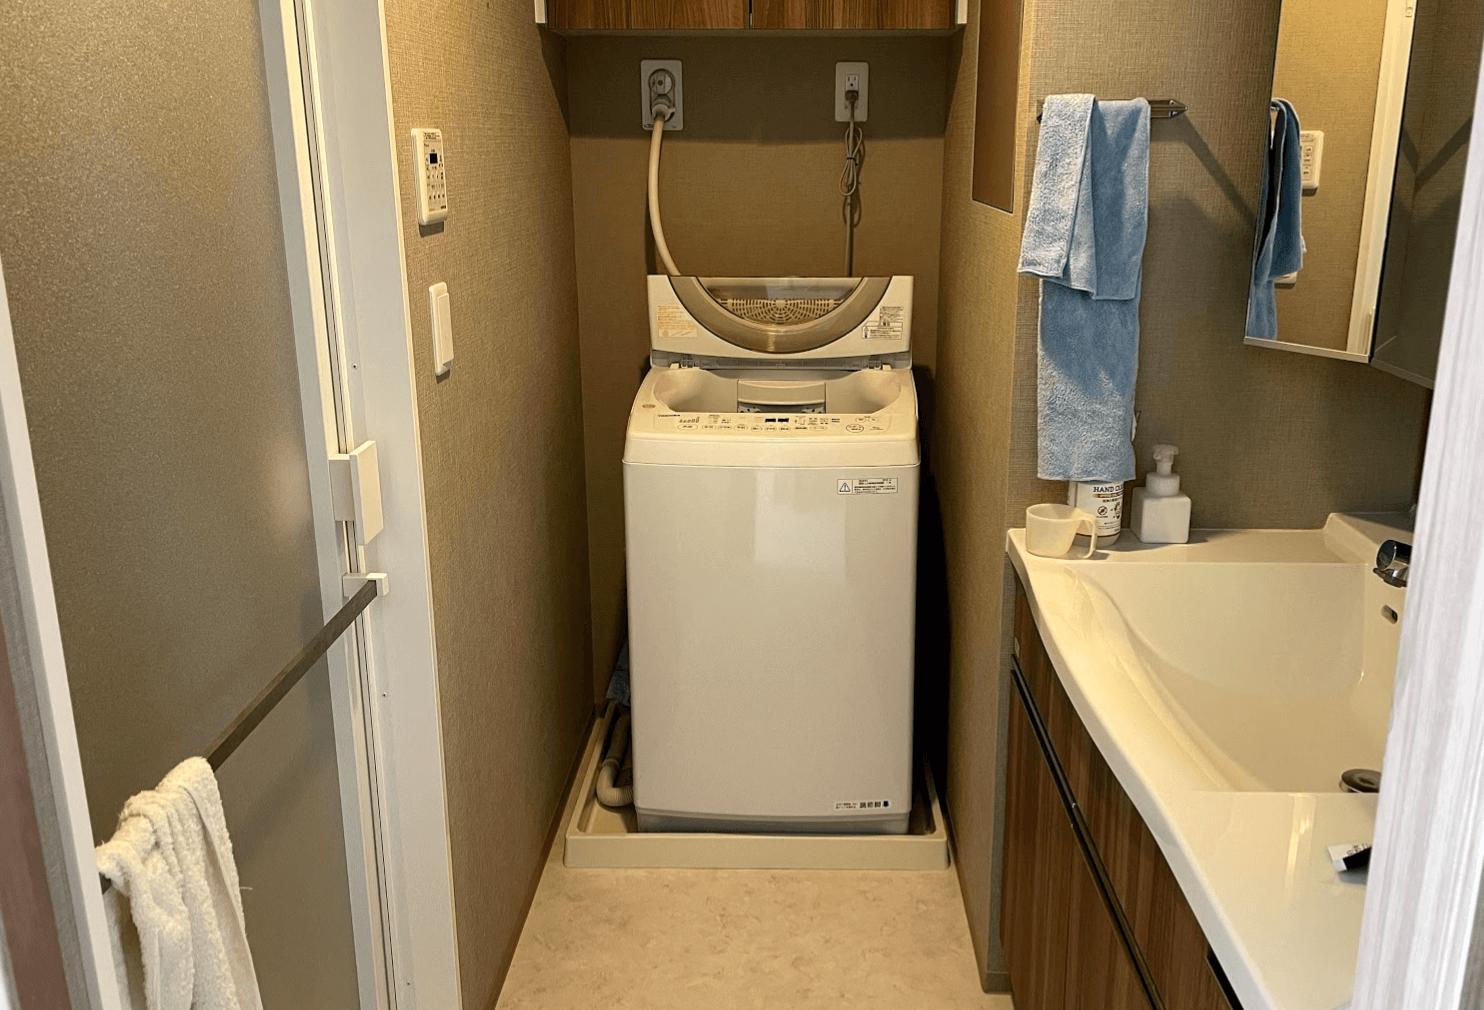 TOSHIBAの洗濯機